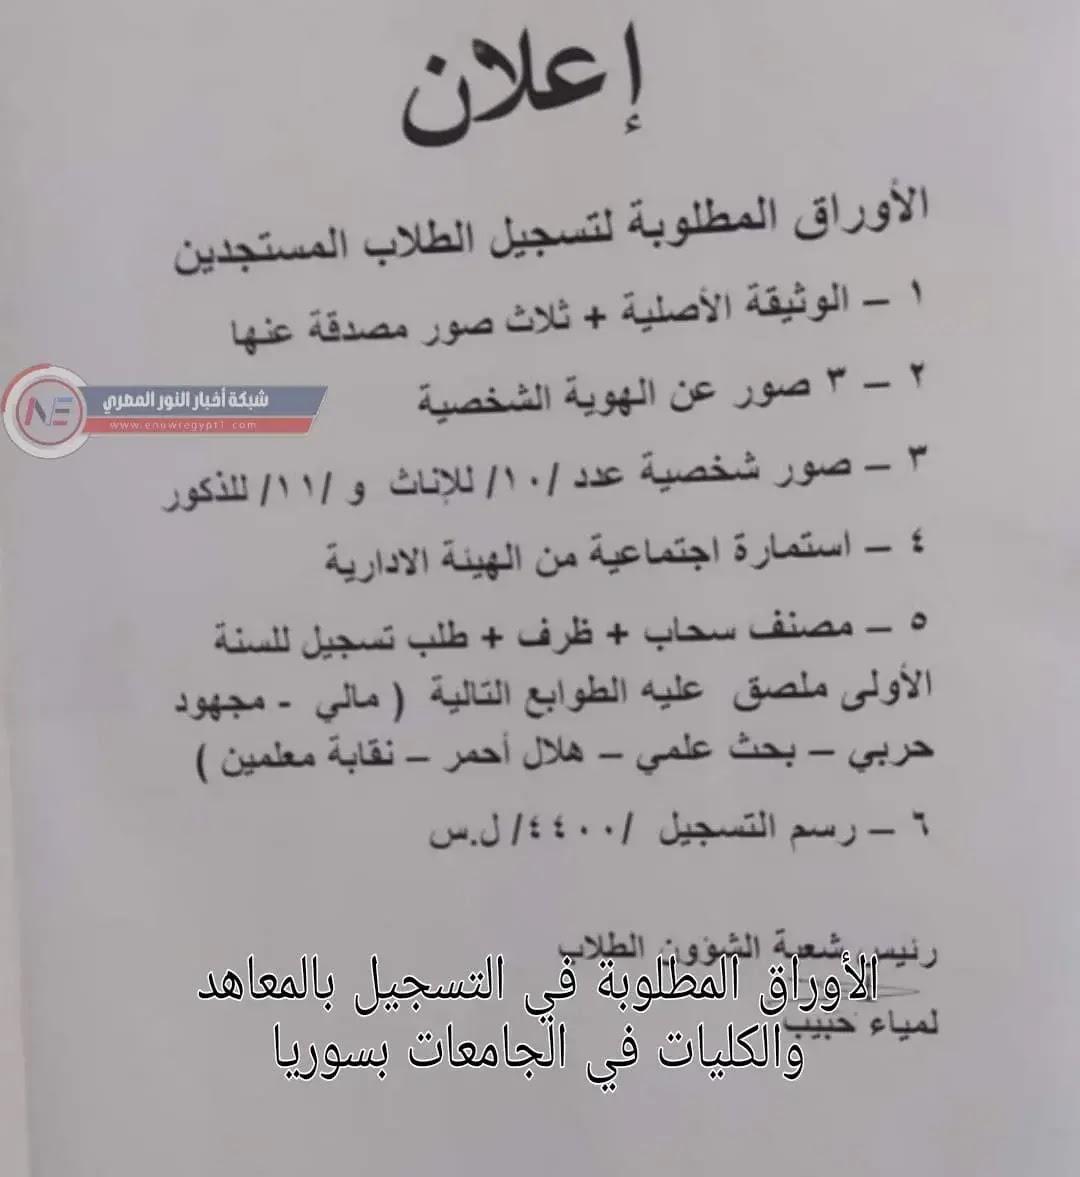 التسجيل بالجامعة .. الاوراق المطلوبة في التسجيل بالمعاهد والكليات في الجامعات السورية للطلاب الجدد للعام الدراسي 2021-2022